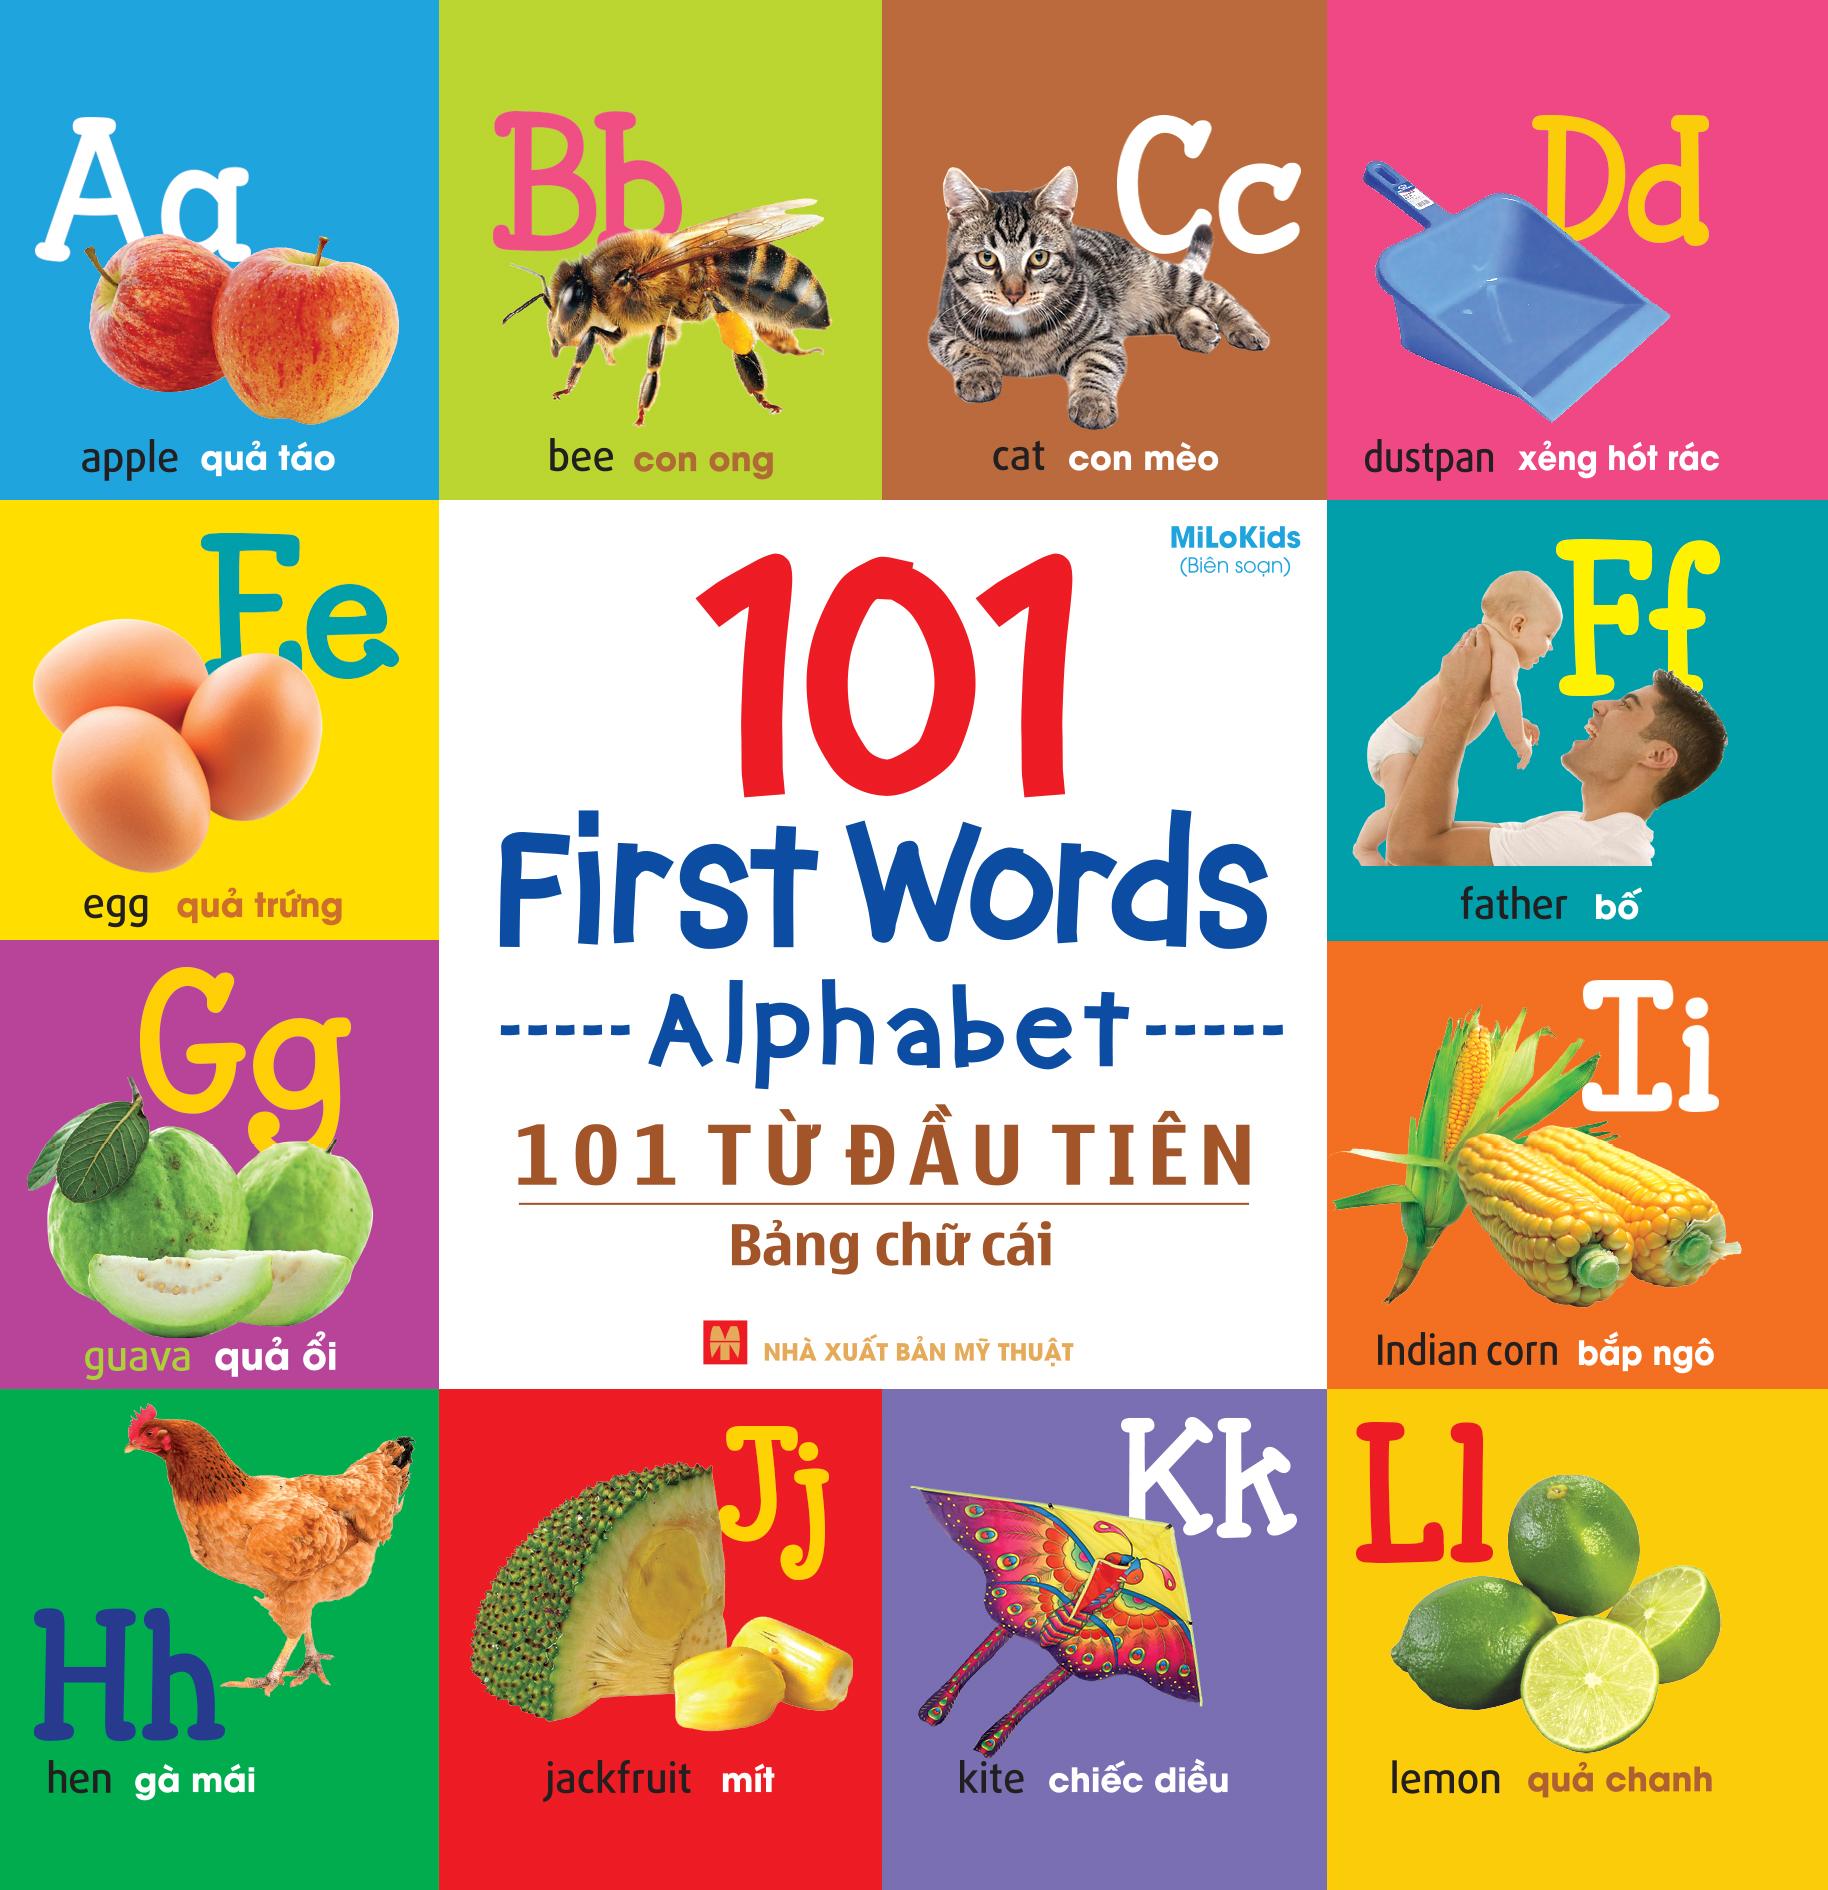 Bìa sách 101 First Words - Alphabet (101 Từ Đầu Tiên - Bảng Chữ Cái)